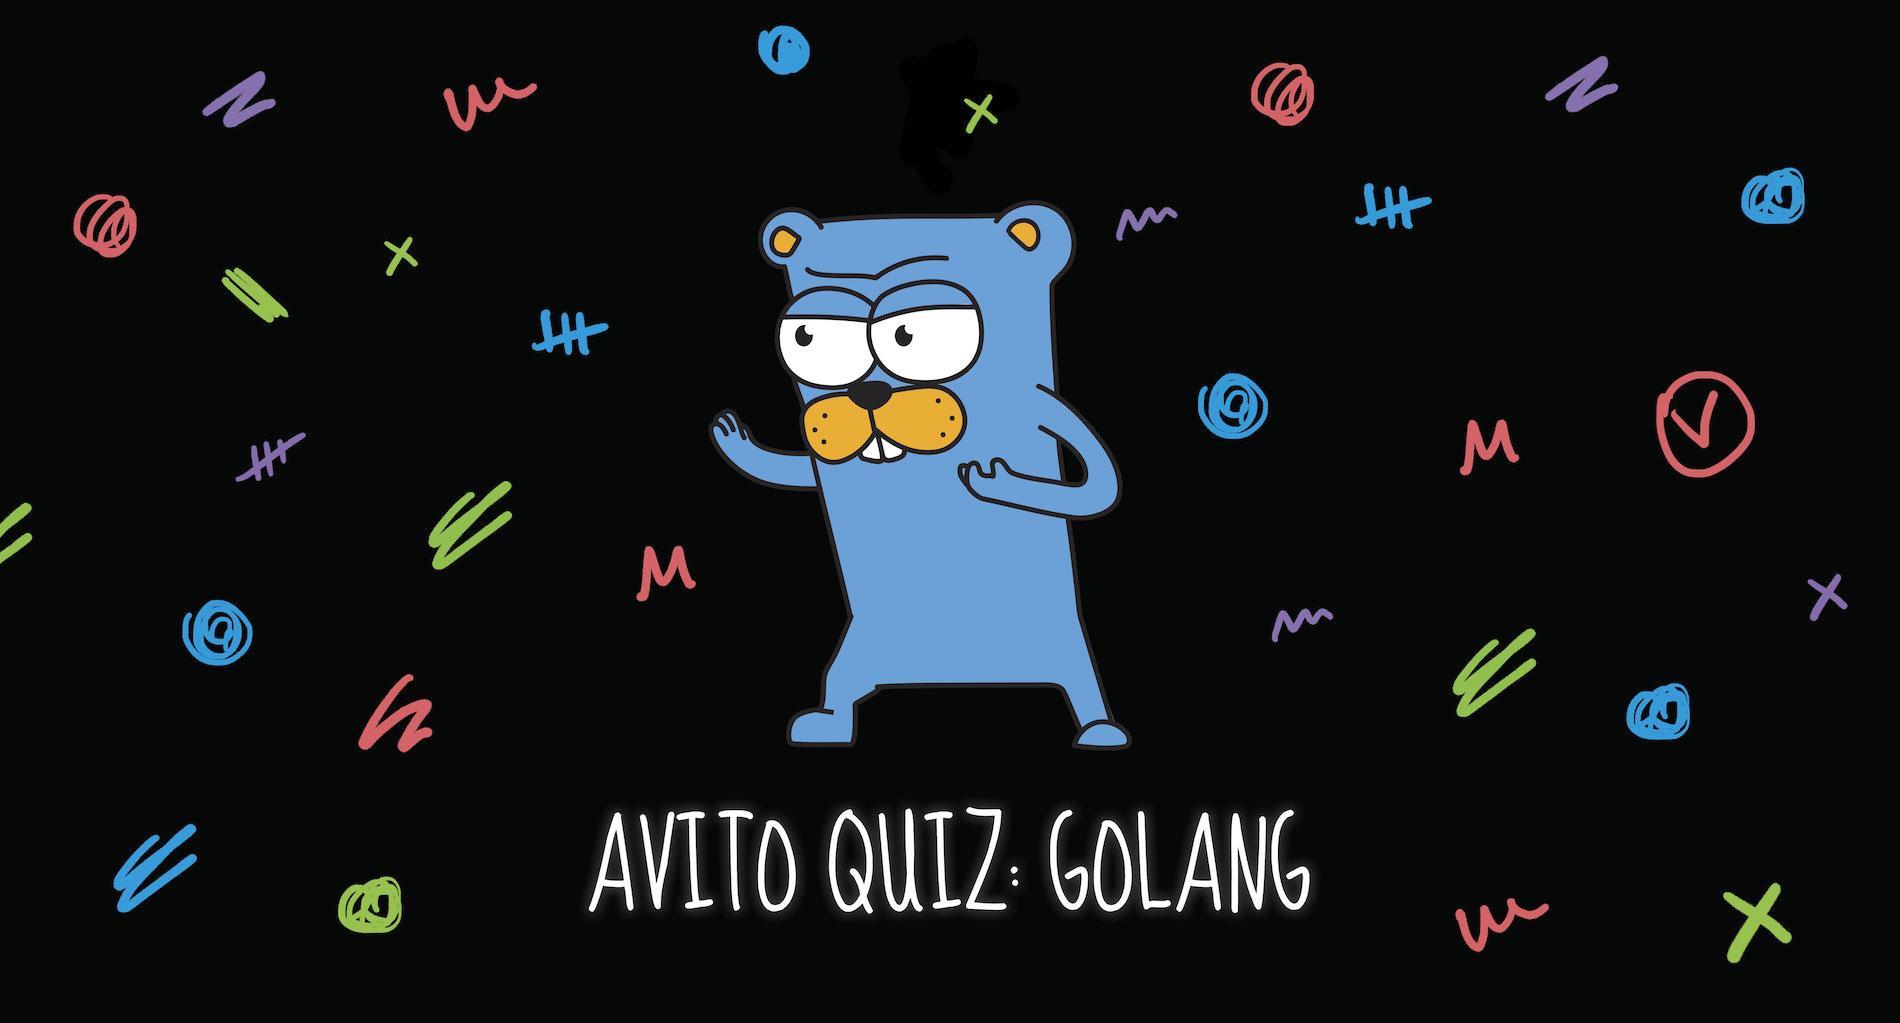 Avito Quiz: Golang